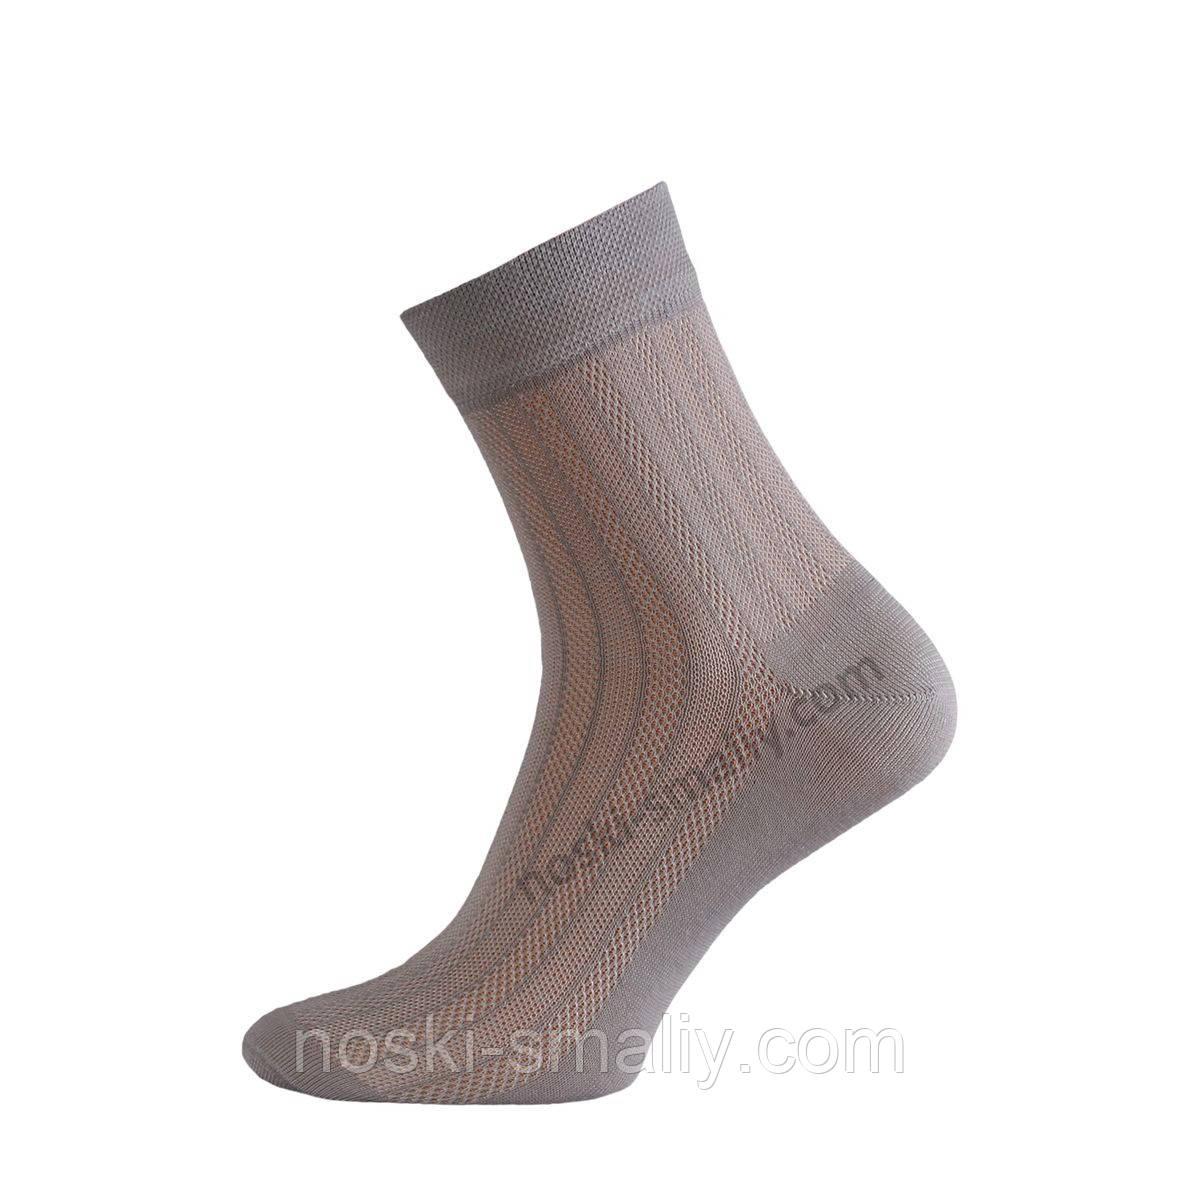 84266ae496170 Летние классические мужские носки от производителя, сетка, оптовые ...